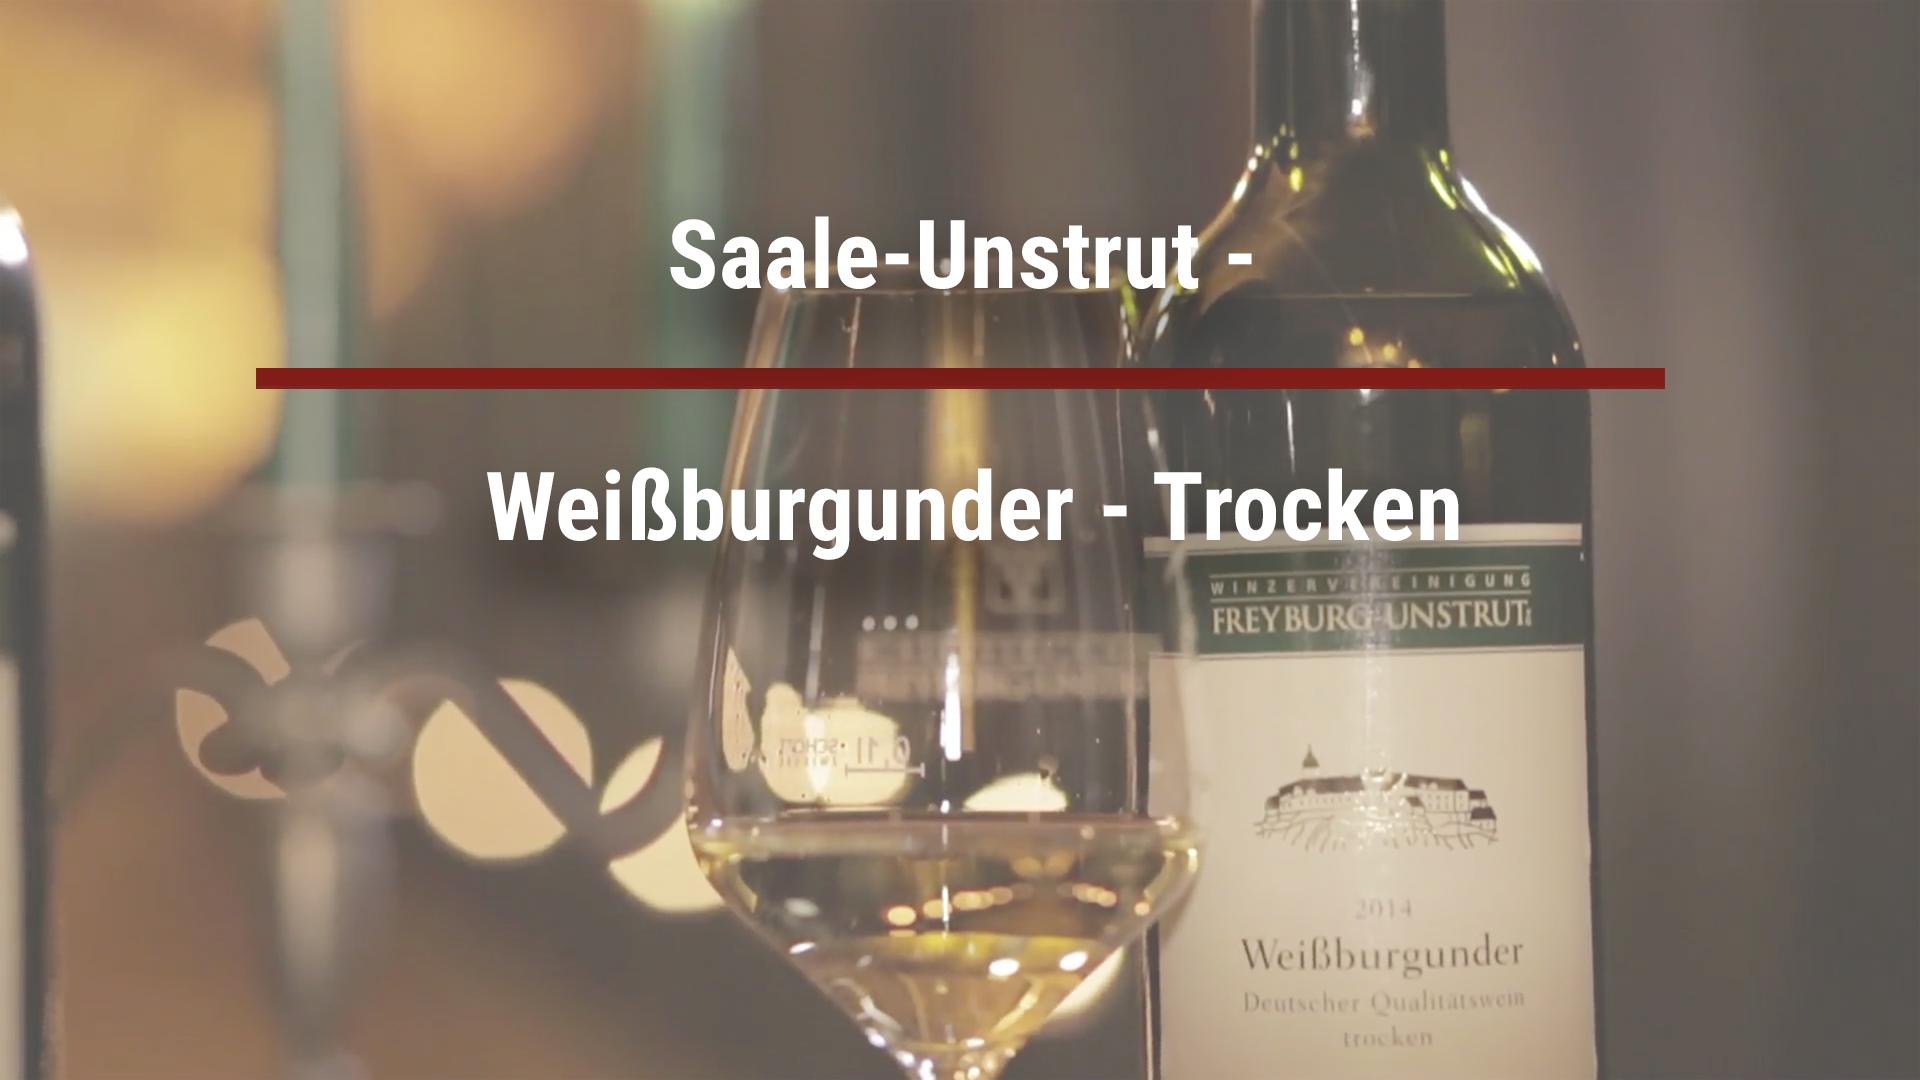 Saale-Unstrut – Weißburgunder – Trocken